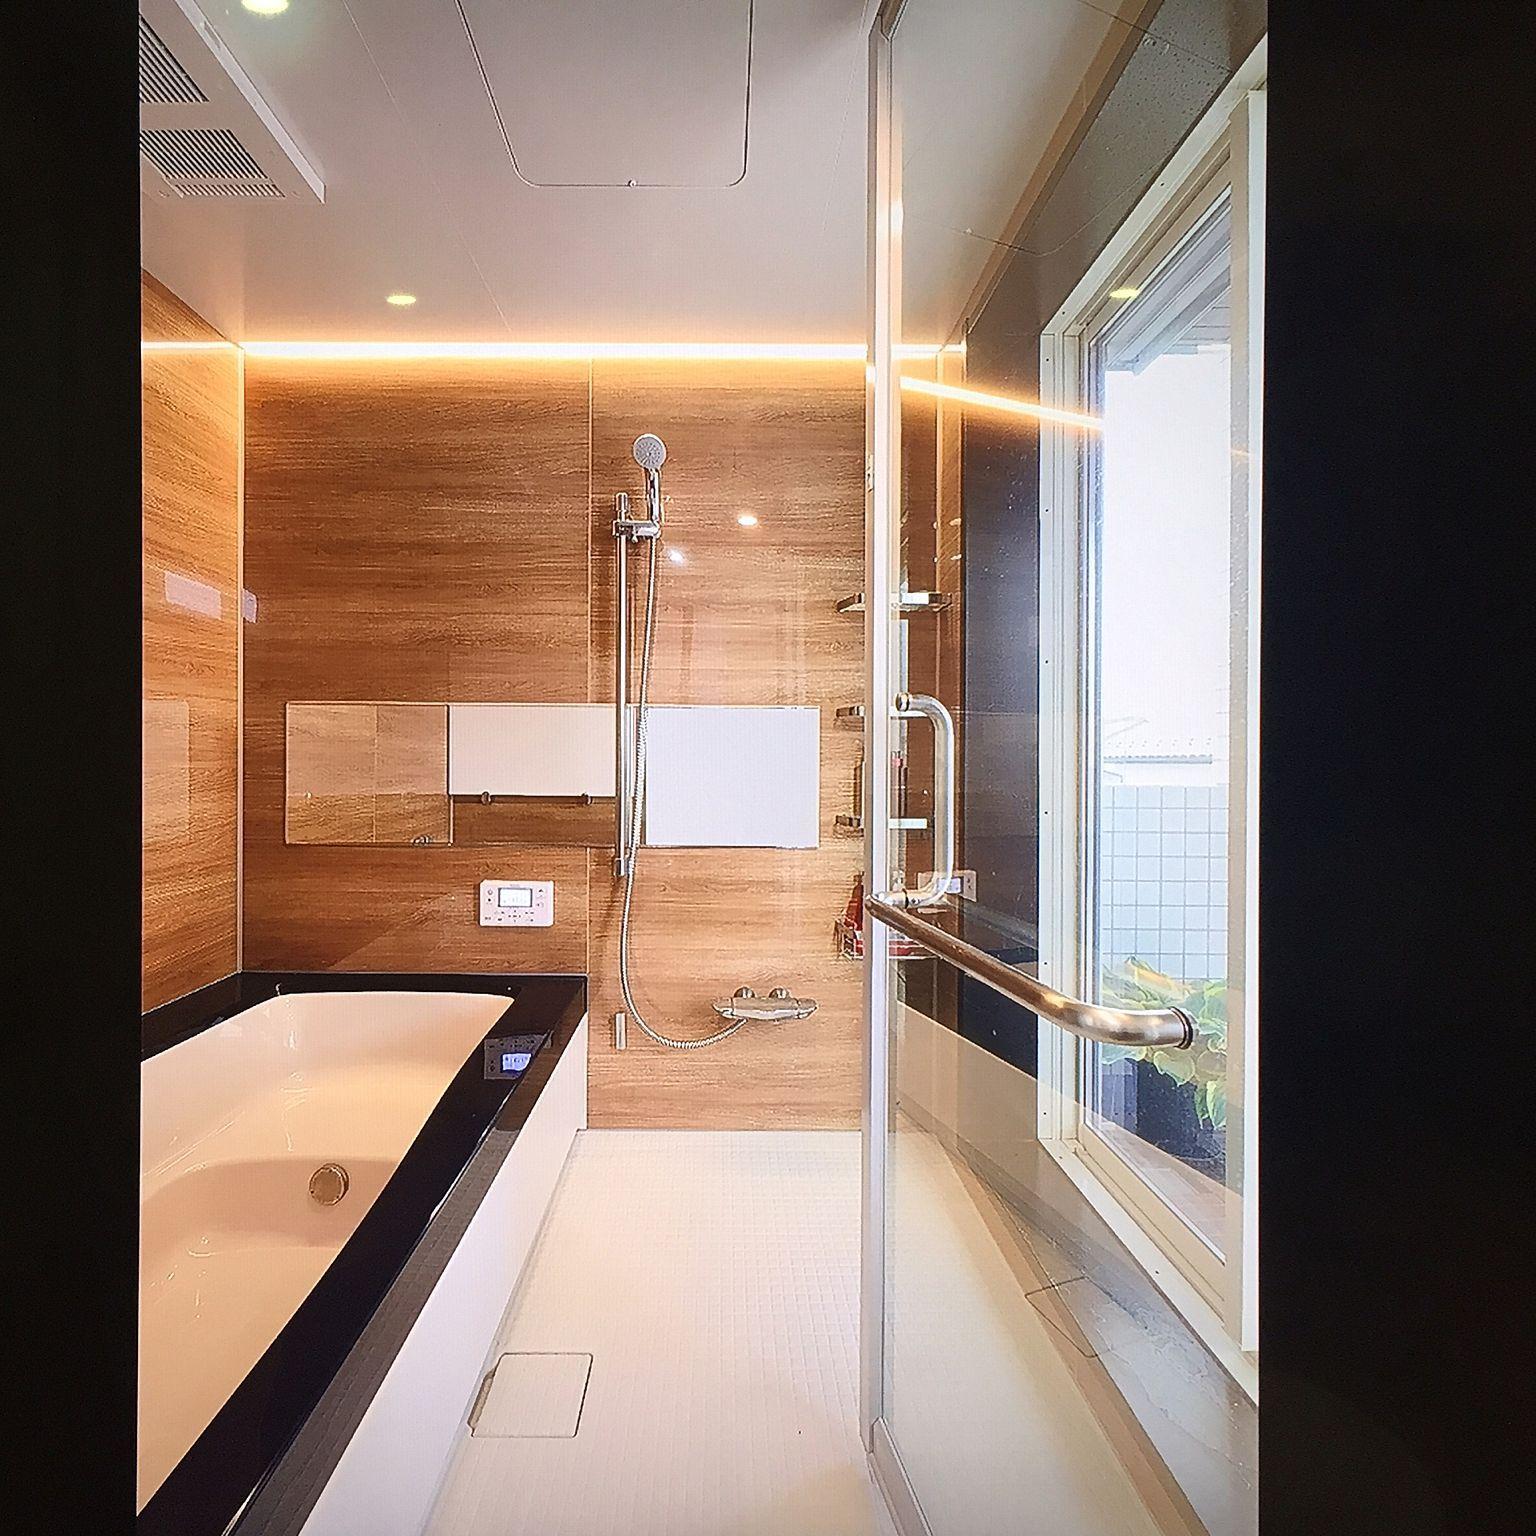 バス トイレ 黒 白 ホテルライク お風呂場 Lixil などのインテリア